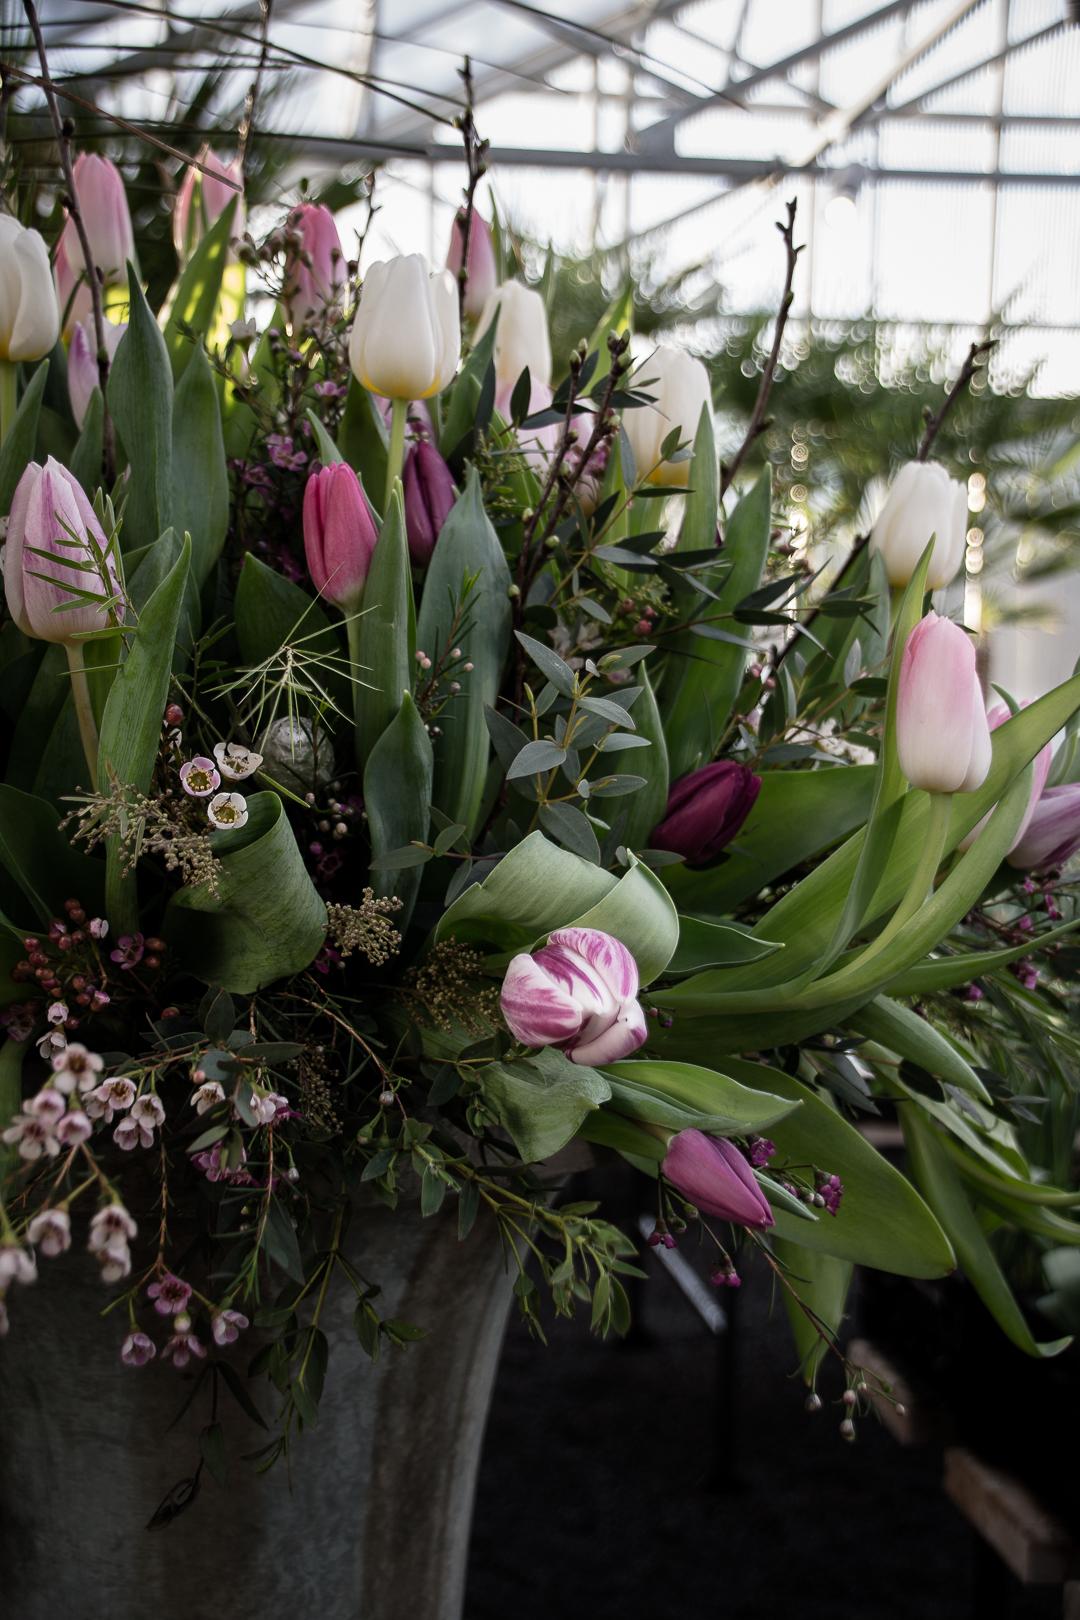 självplock tulpaner slottsträdgården ulriksdal